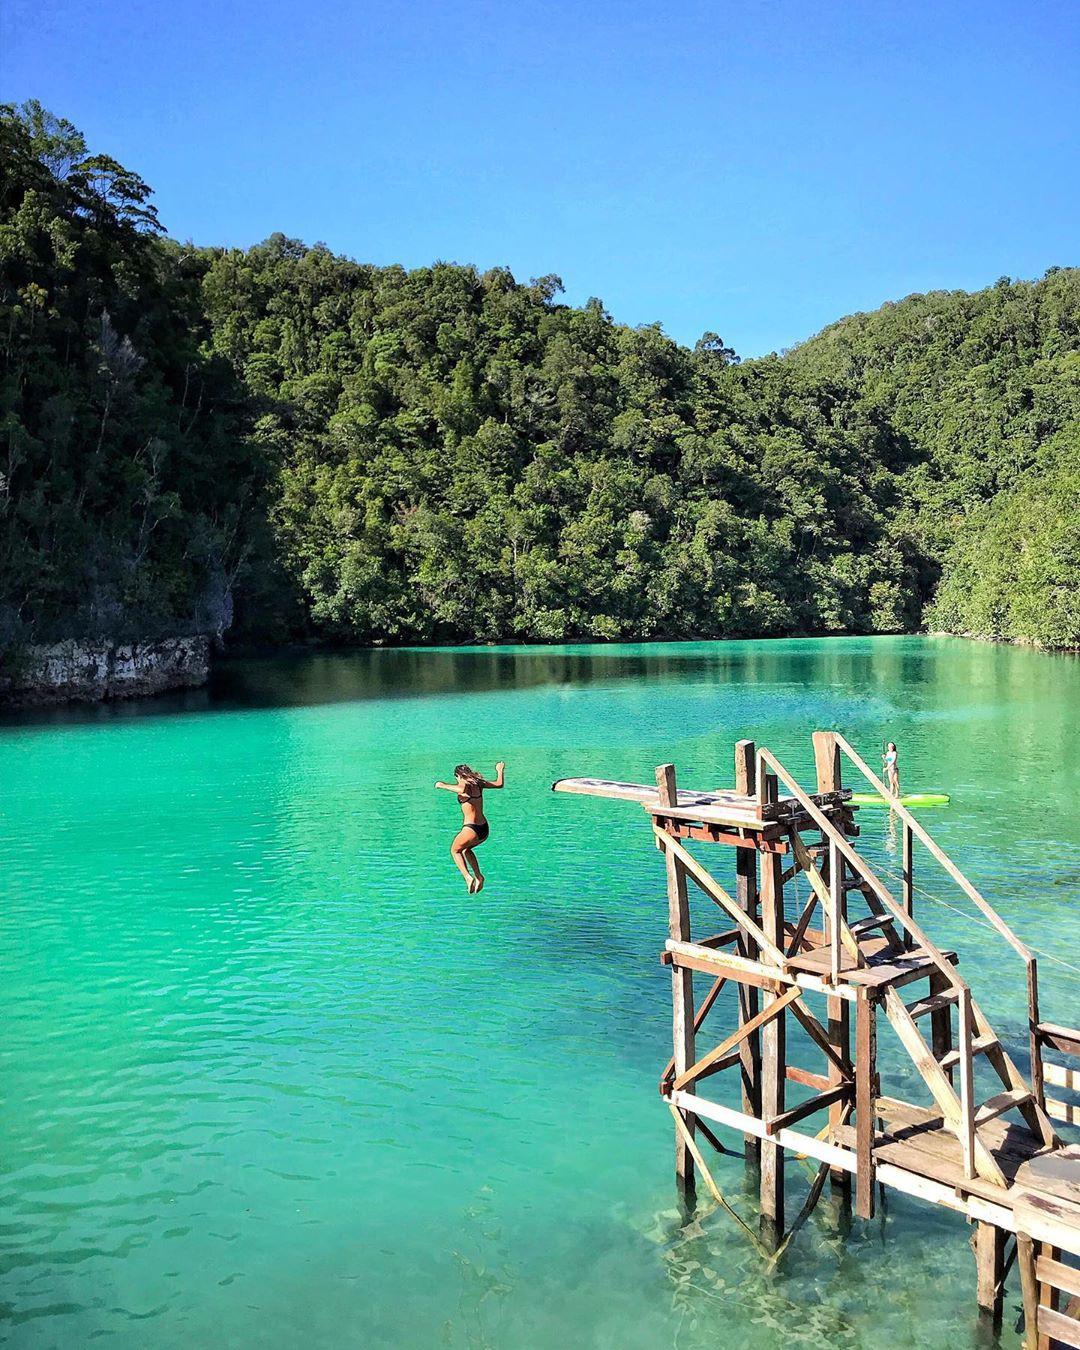 Vượt qua cả Bali và Hawaii, ốc đảo hình giọt nước kỳ lạ ở Philippines được tạp chí Mỹ bình chọn đẹp nhất thế giới - Ảnh 29.